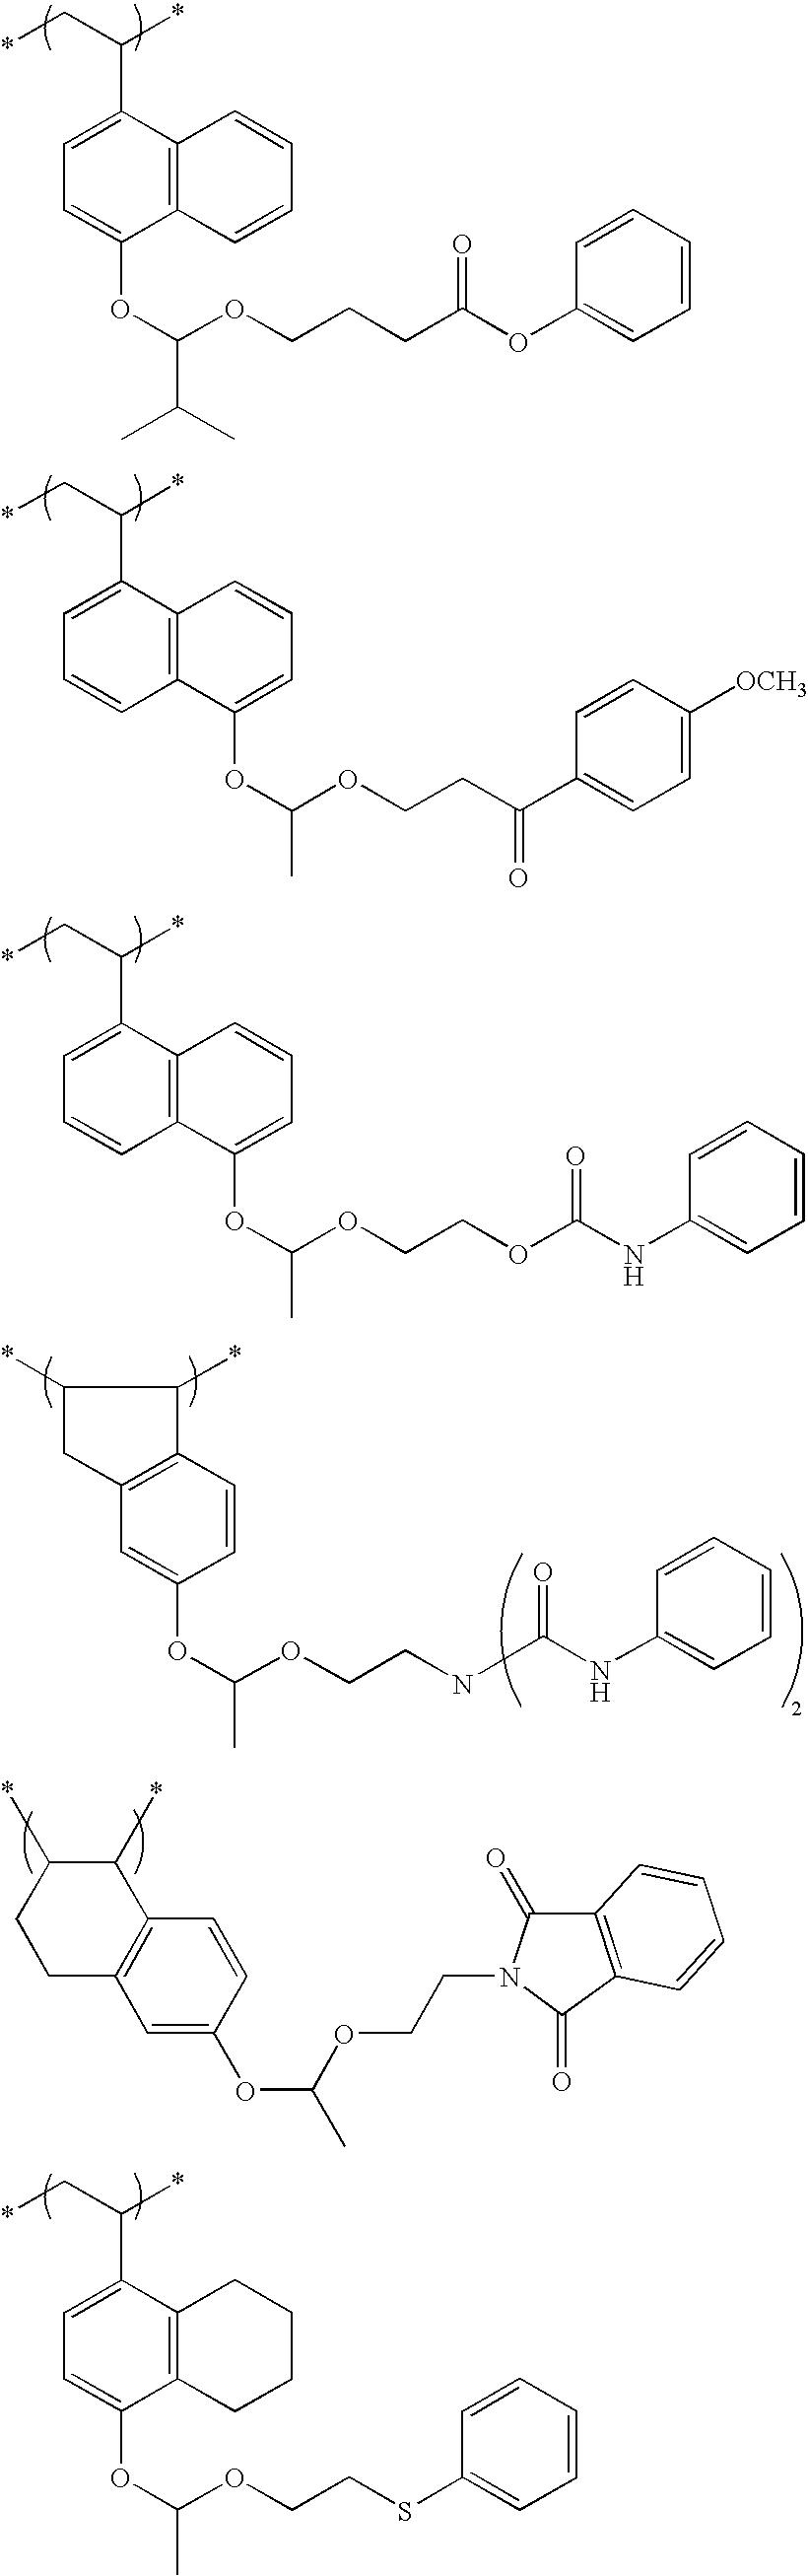 Figure US08852845-20141007-C00101